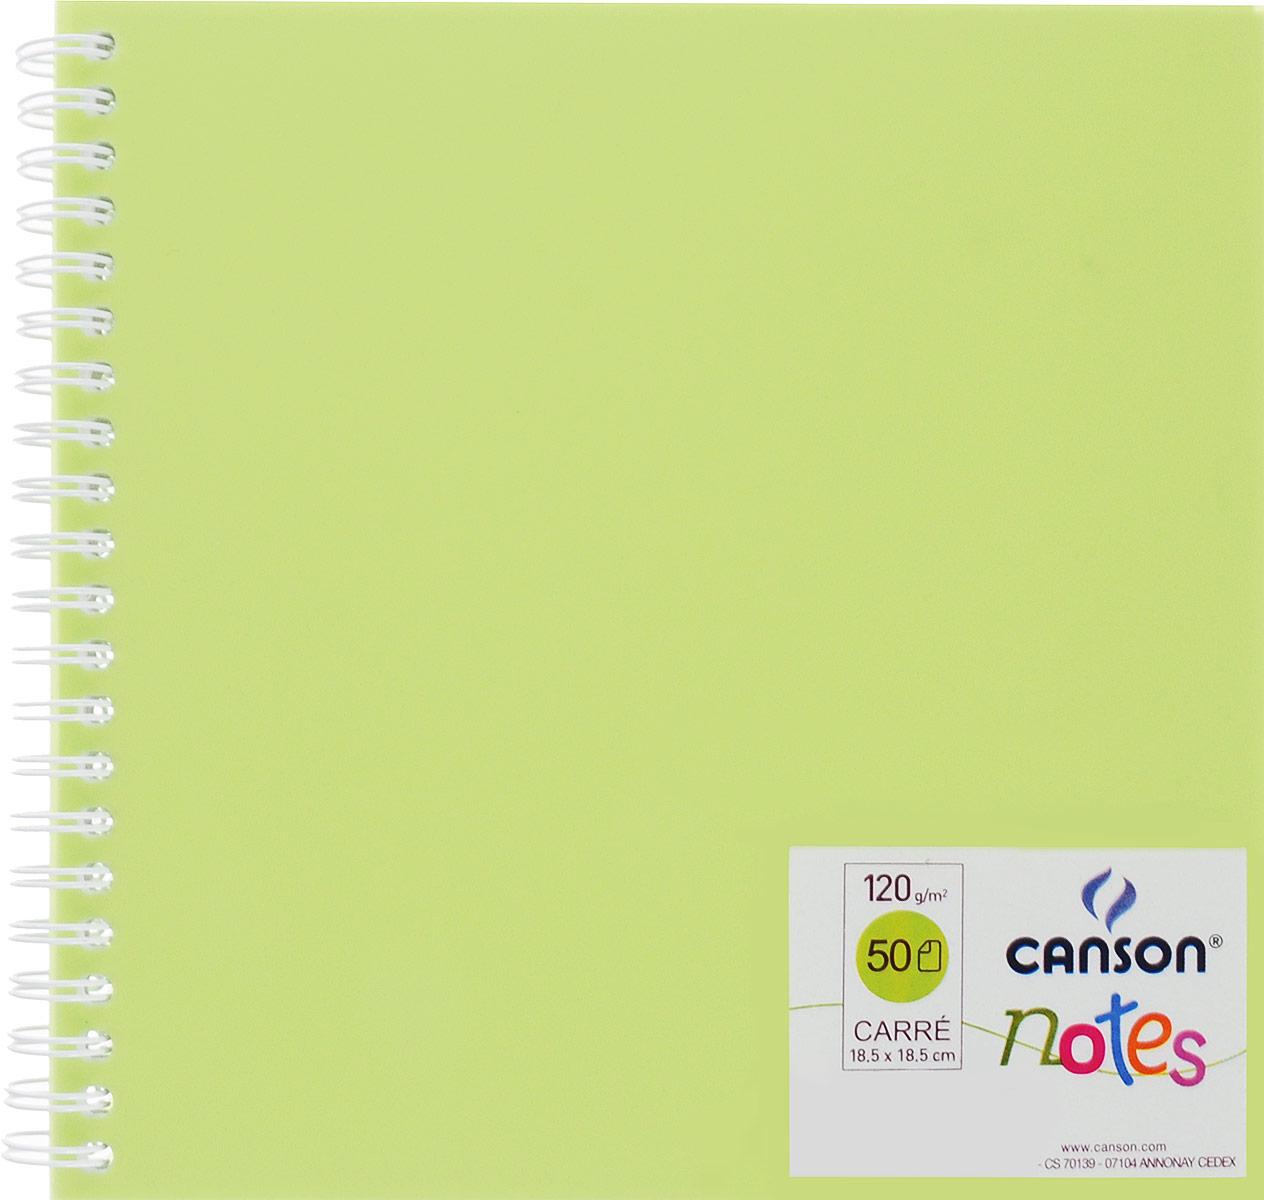 Canson БлокнотдлязарисовокCansonNotesцвет зеленый 50 листов 204127715204127715Блокноты Canson Notes прекрасно подходят для современных художников. Они идеальны для ежедневных записей, набросков, карандаша, пастели и чернил.Благодаря высококачественной бумаге, гелиевые и масляные чернила не просачиваются, а пластиковая обложка защищает листы от смятия.Бумага в блокнотах соответствует международному стандарту ISO 9706, не содержит кислот, производится без применения оптических отбеливателей, устойчива к плесени.